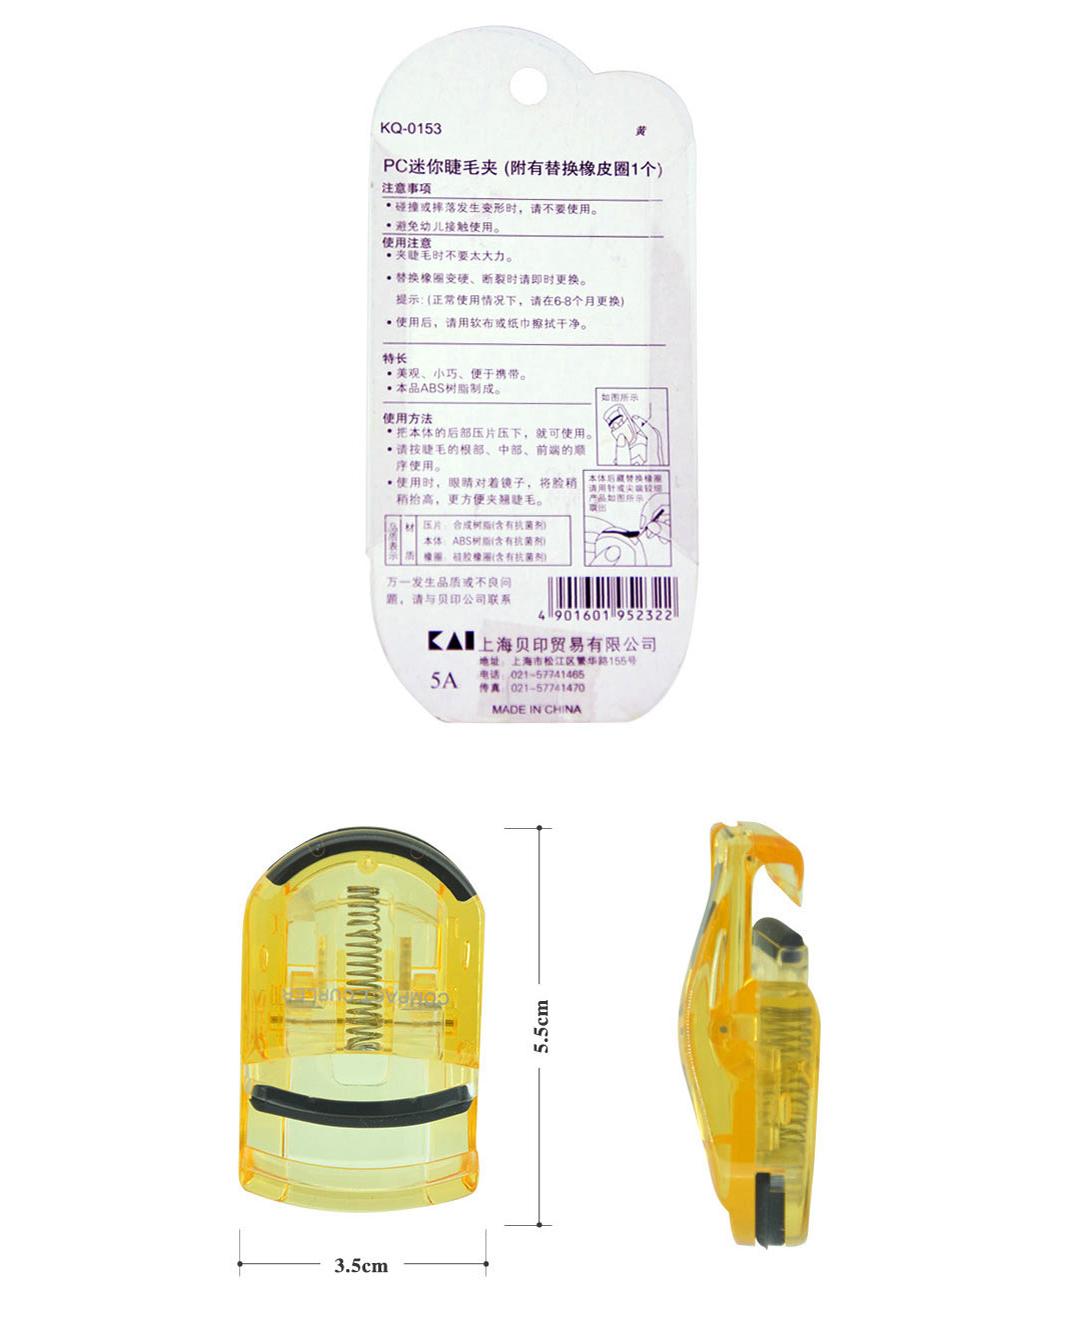 Dụng cụ uốn mi cong thân nhựa KAI nội địa Nhật Bản